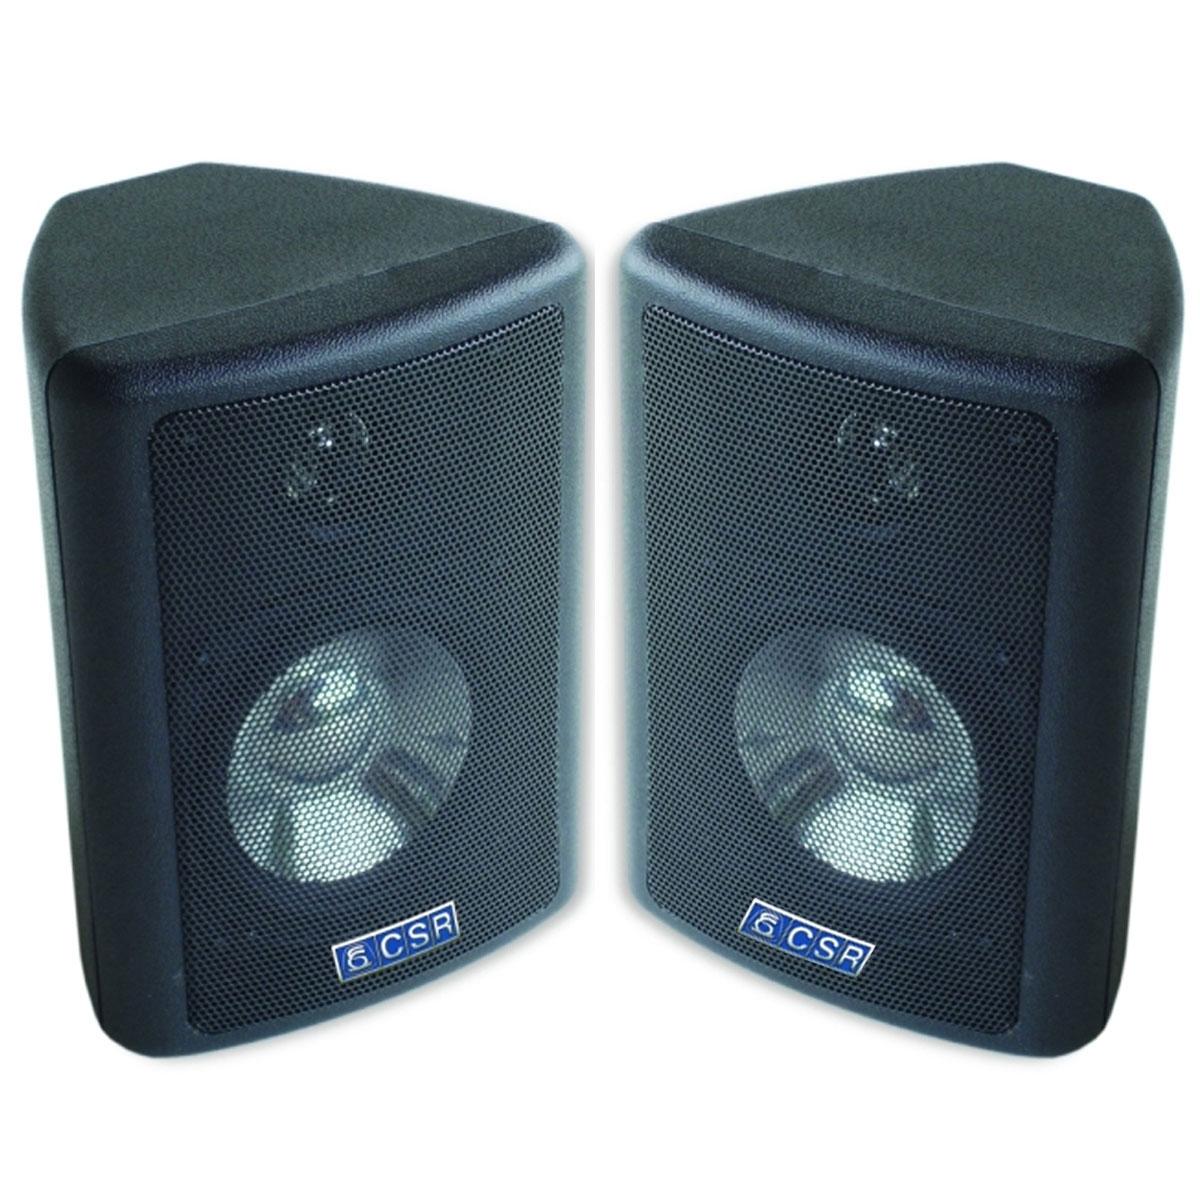 CSR80 - Caixa Passiva 50W Preta c/ Suporte ( Par ) CSR 80 - CSR